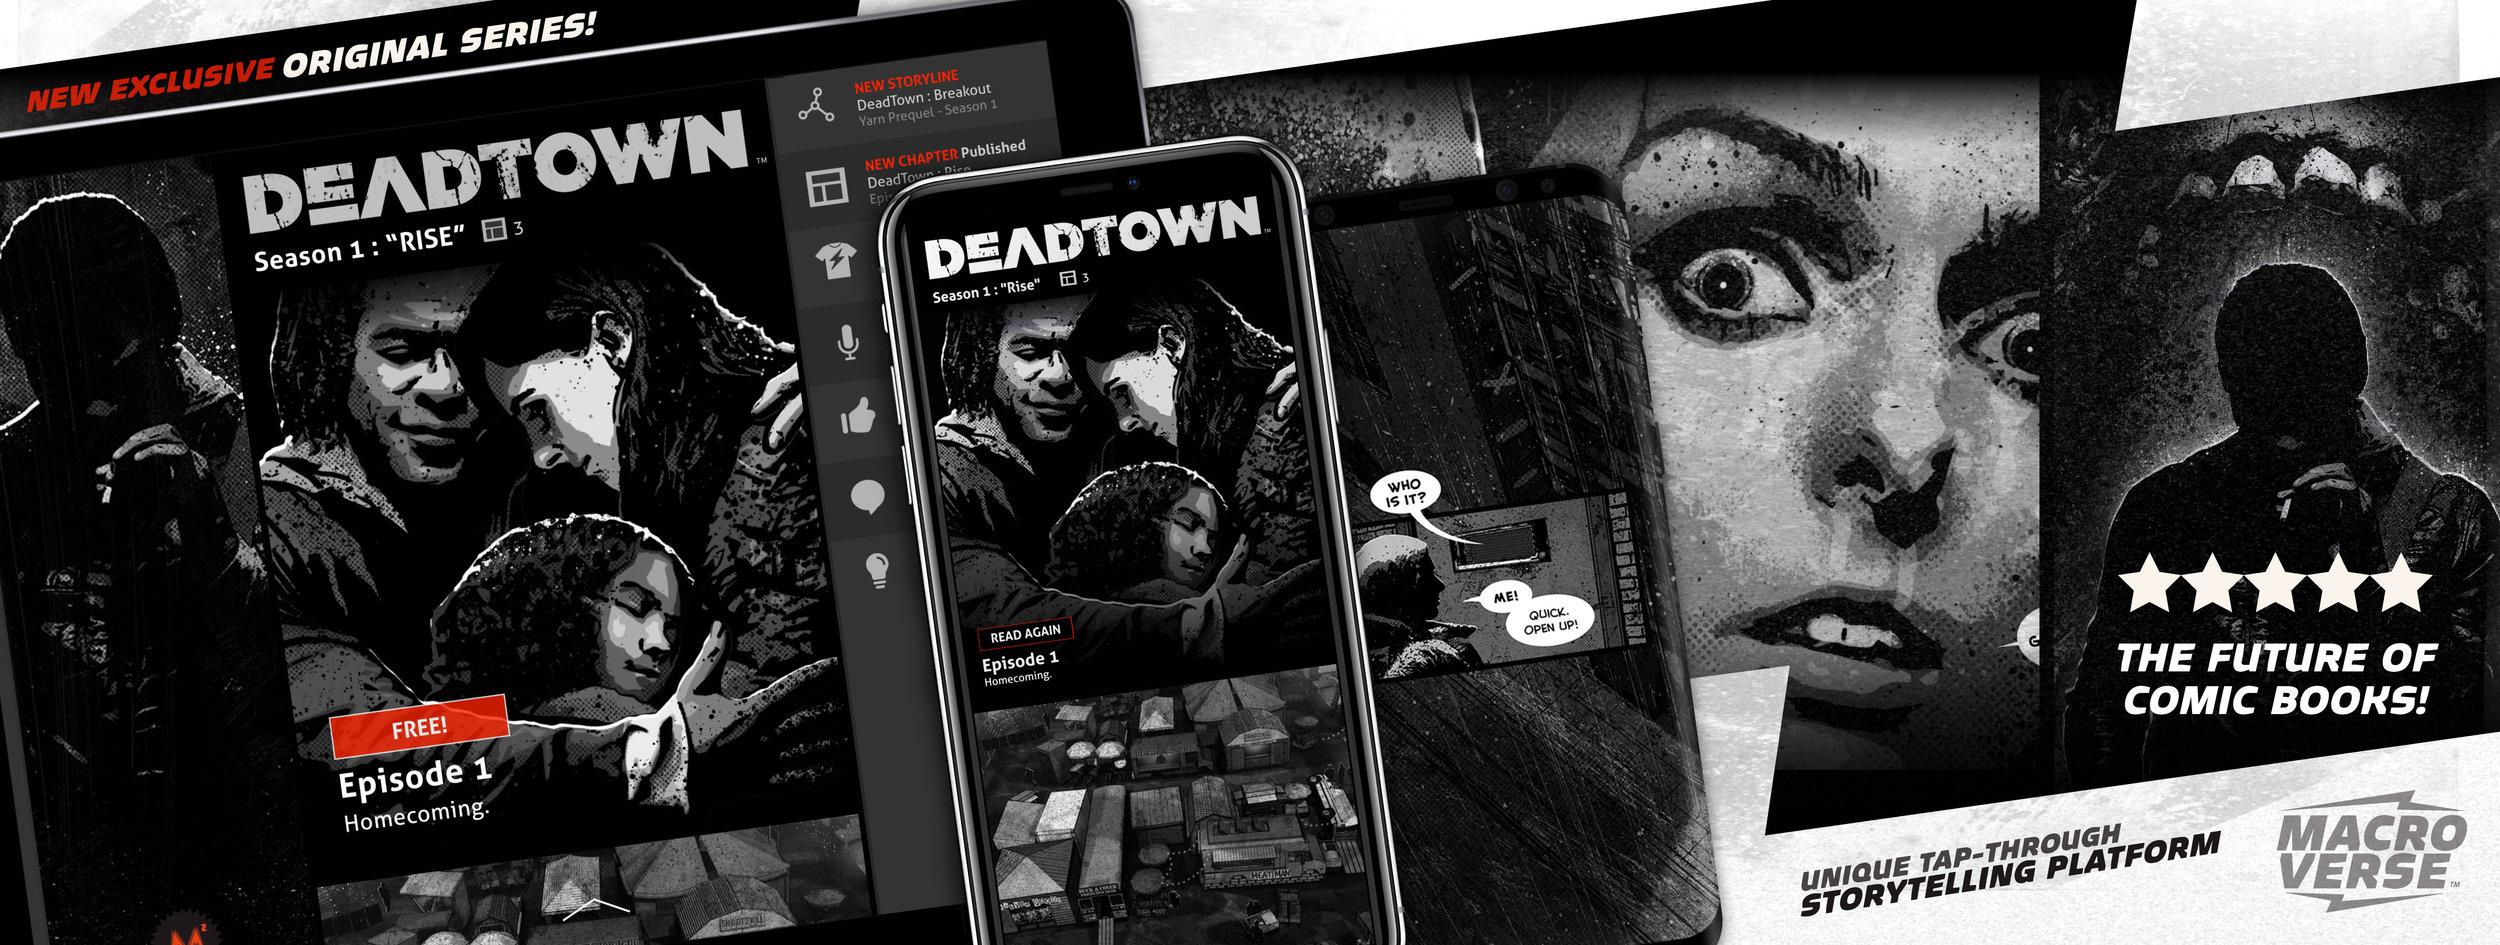 Macroverse Screenshots and DeadTown Art